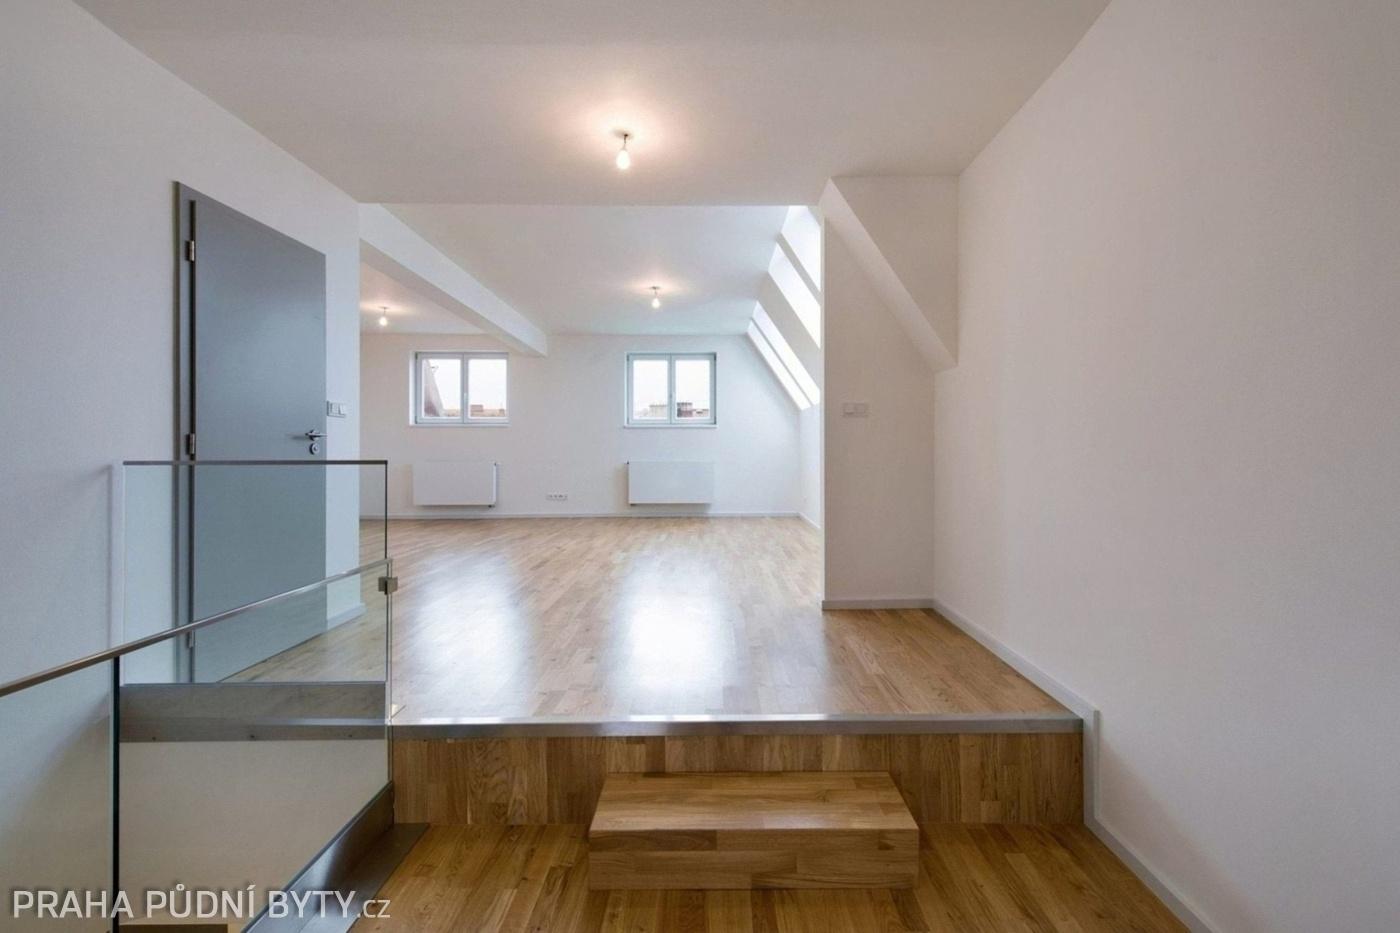 Půdní byt 3+kk, plocha 101 m², ulice Národní Obrany, Praha 6 - Dejvice   3